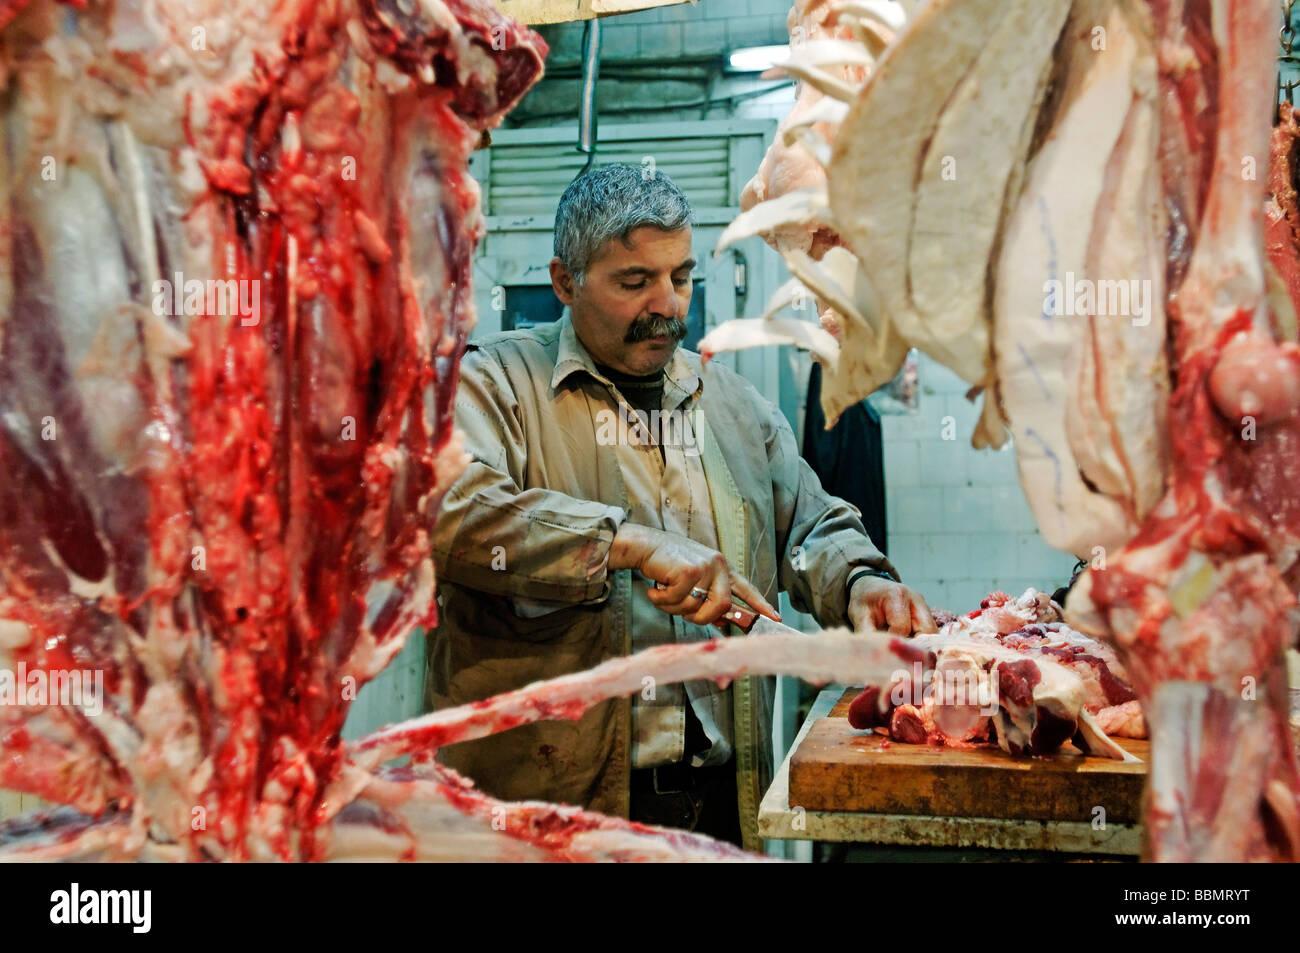 Carnicero en el bazar de Alepo, Siria, Oriente Medio, Asia Imagen De Stock